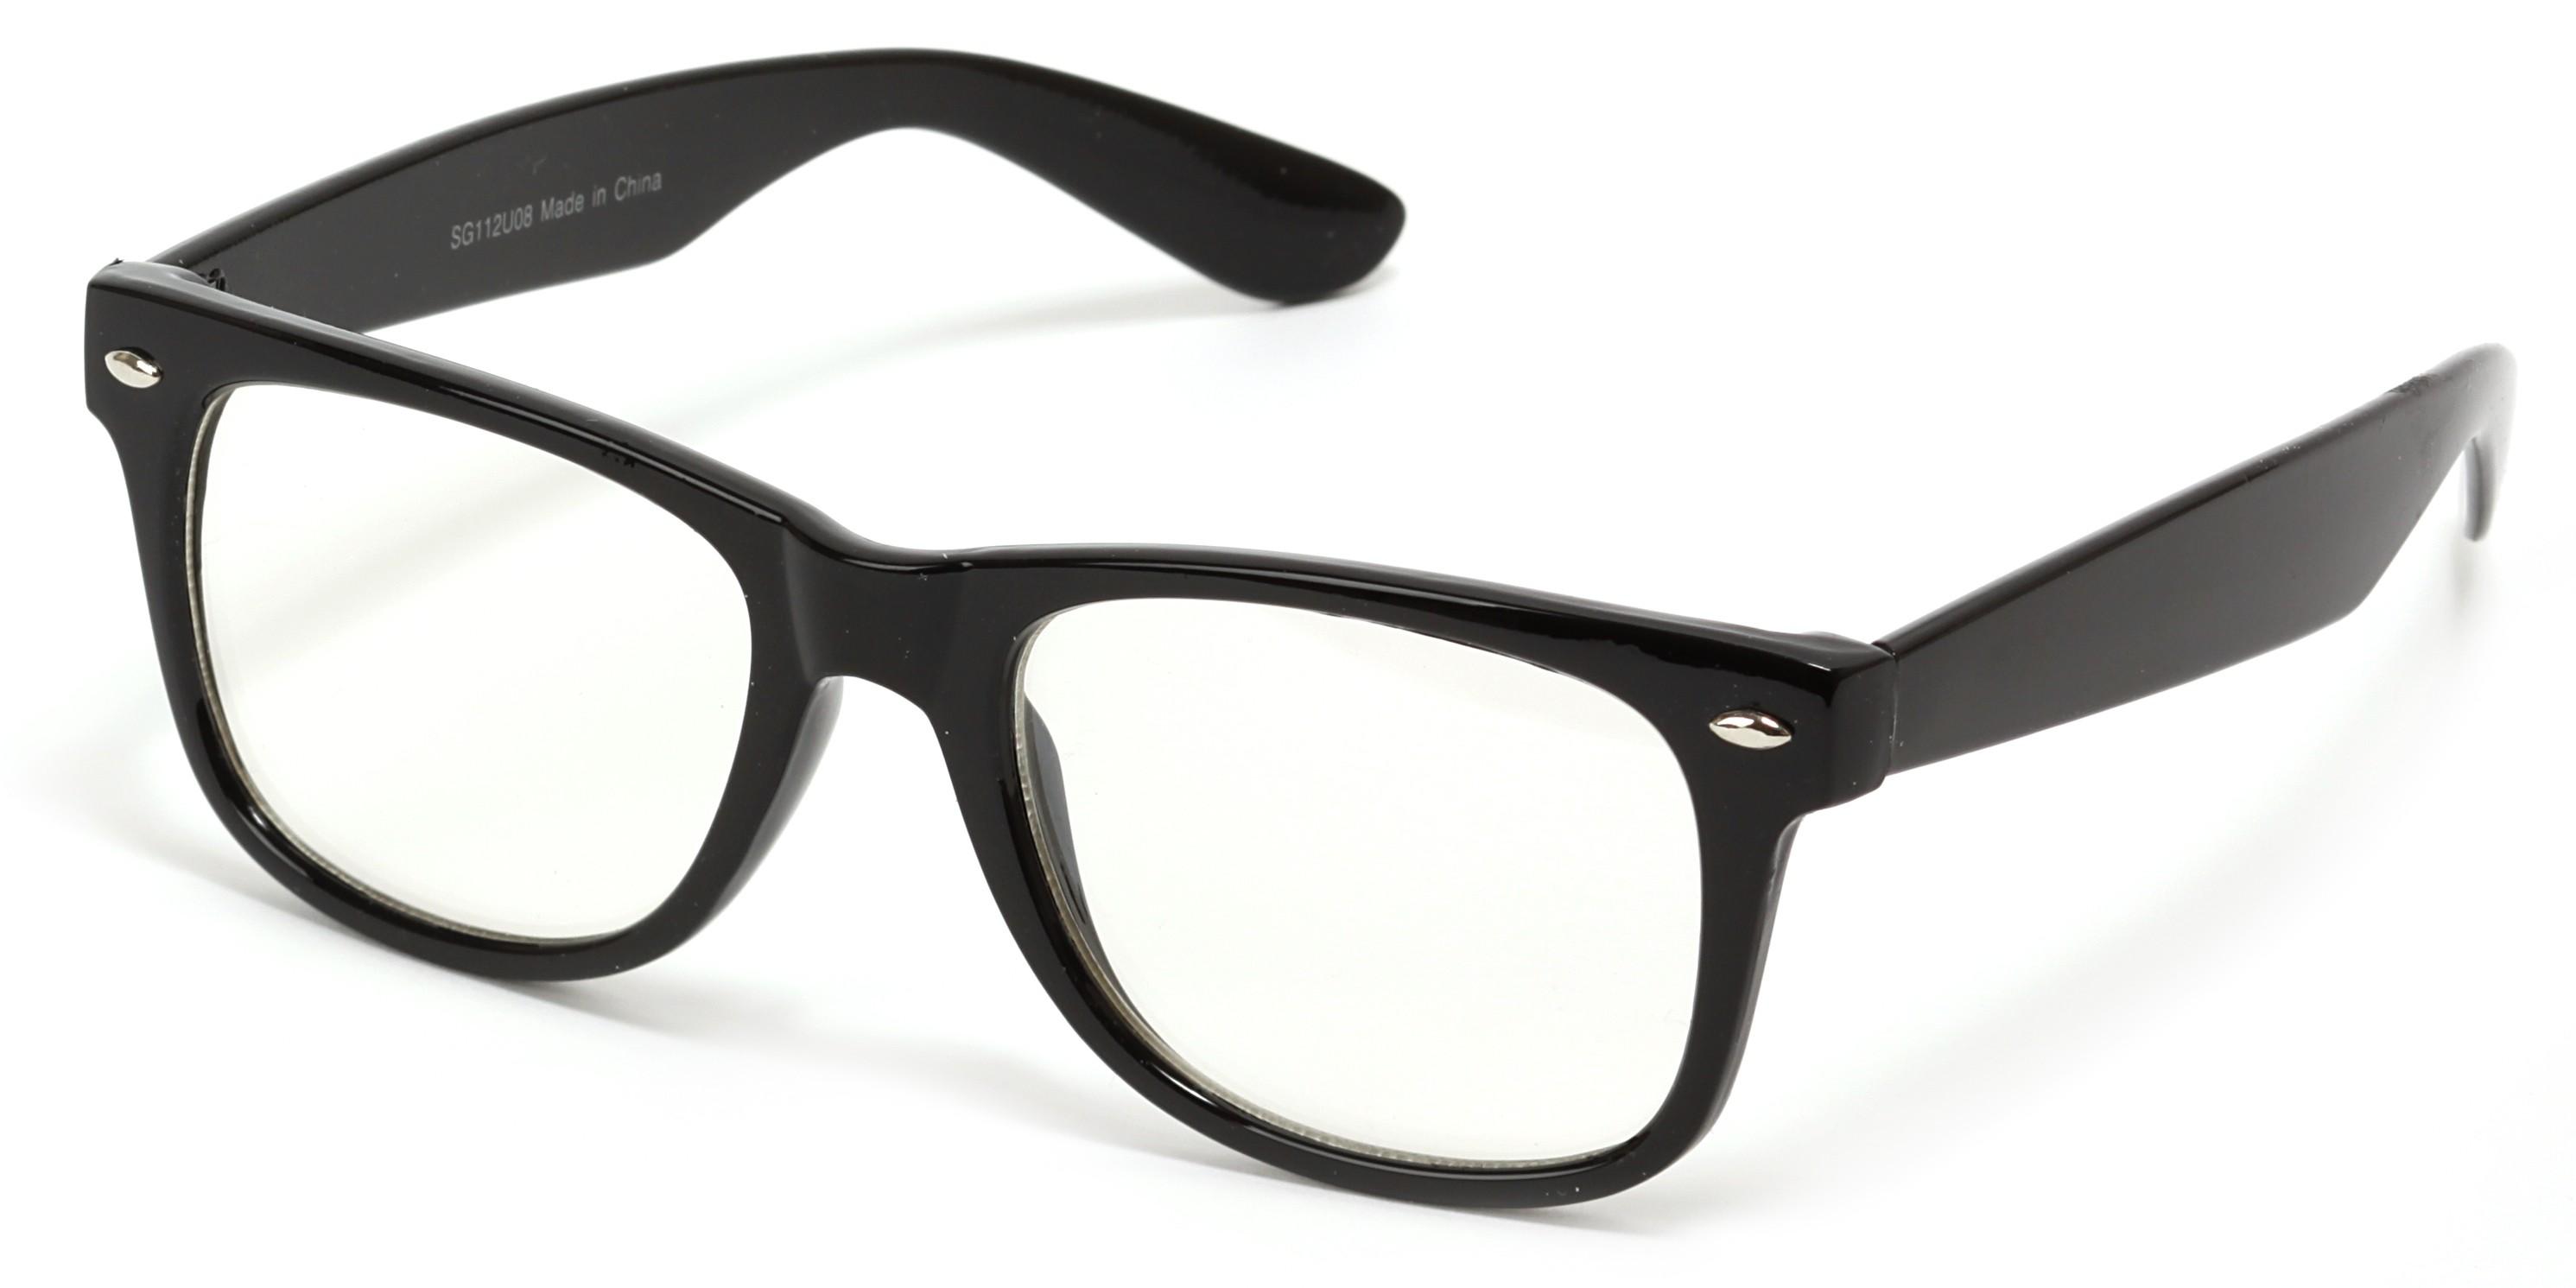 Lunettes : pas de lentilles pour moi